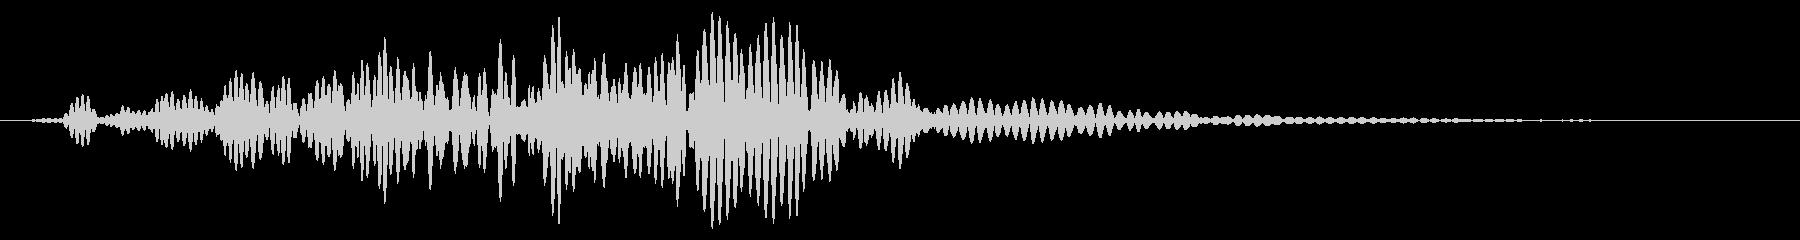 ダルウッドヒューシュラッシュの未再生の波形